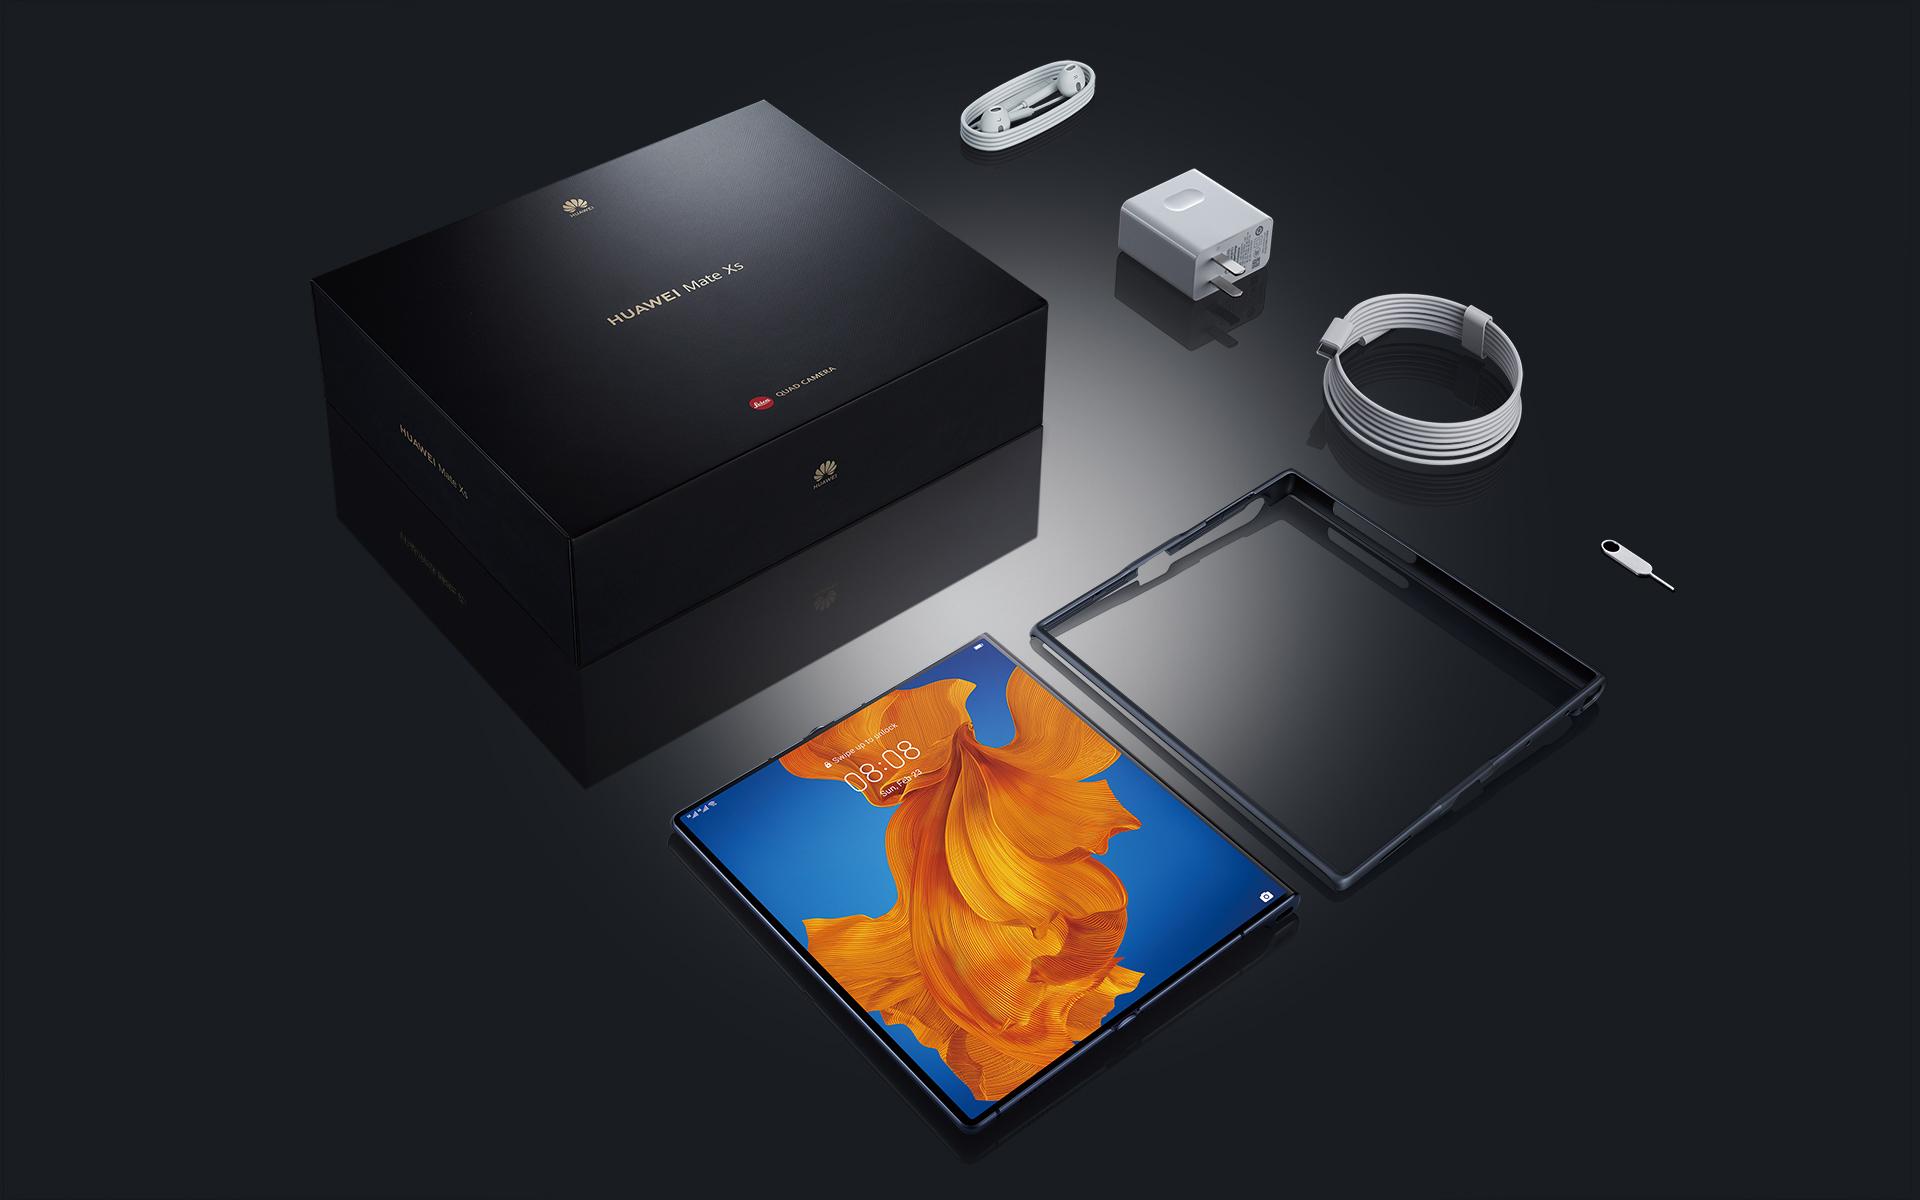 Huawei Mate Xs 2.499 Euro fiyatına rağmen yok sattı yok!